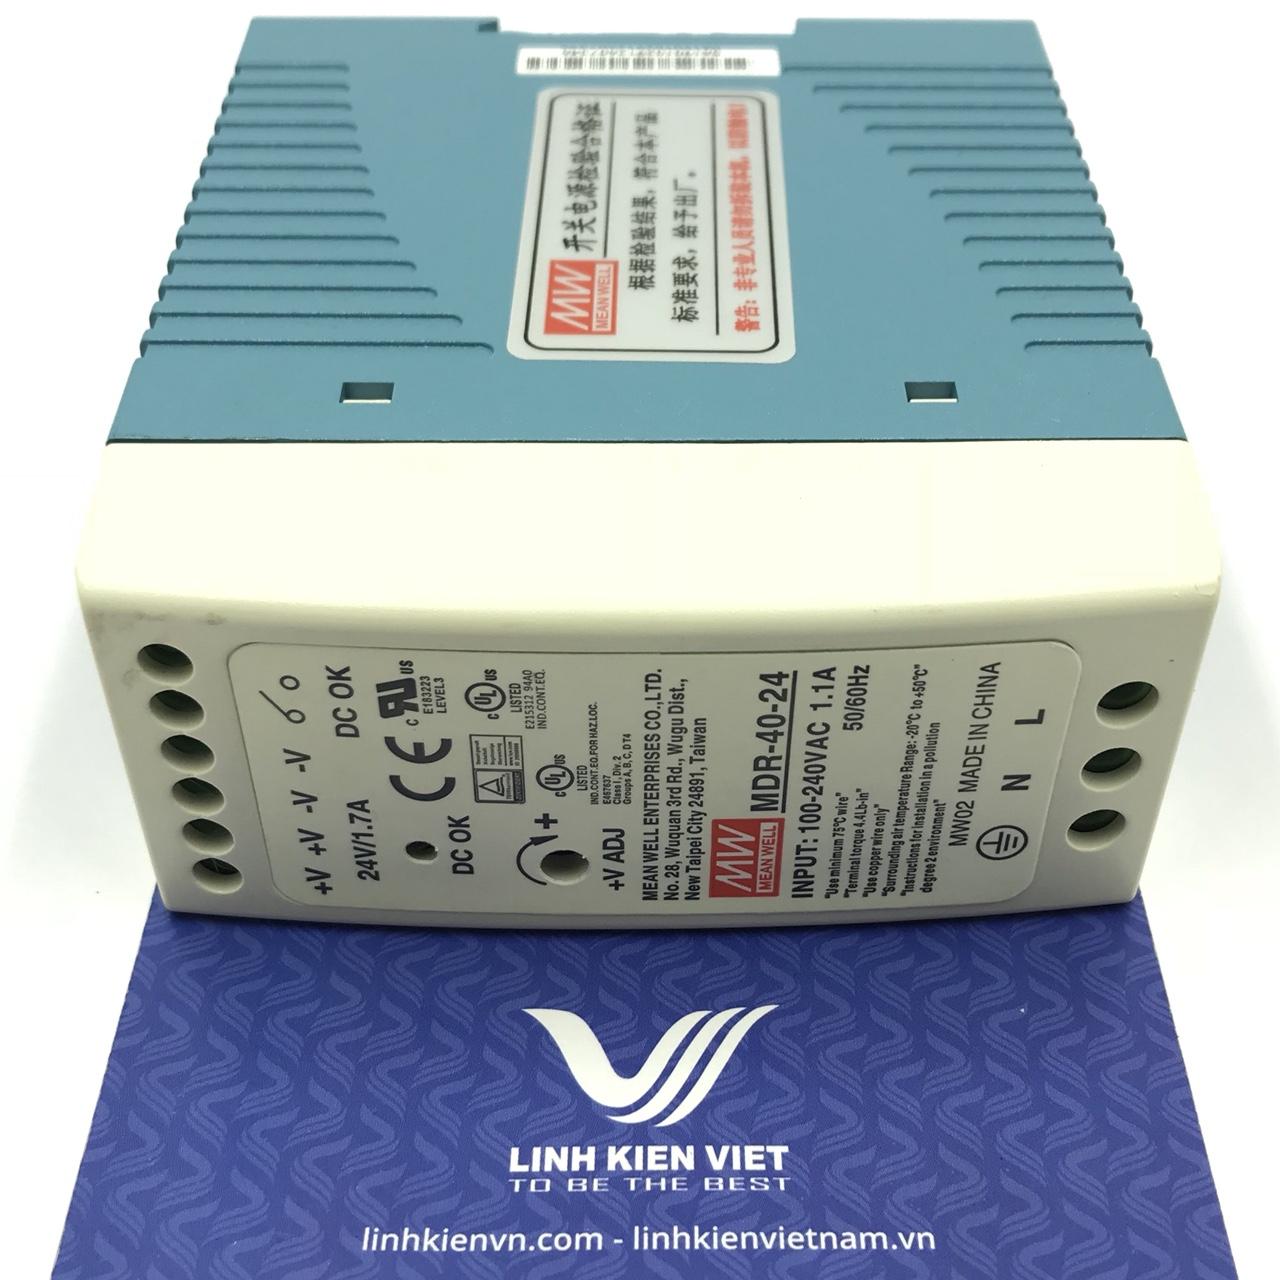 Nguồn MEAN WELL 24V 1.7A / MDR-40-24 Lắp cho tủ điện (vỏ nhựa)